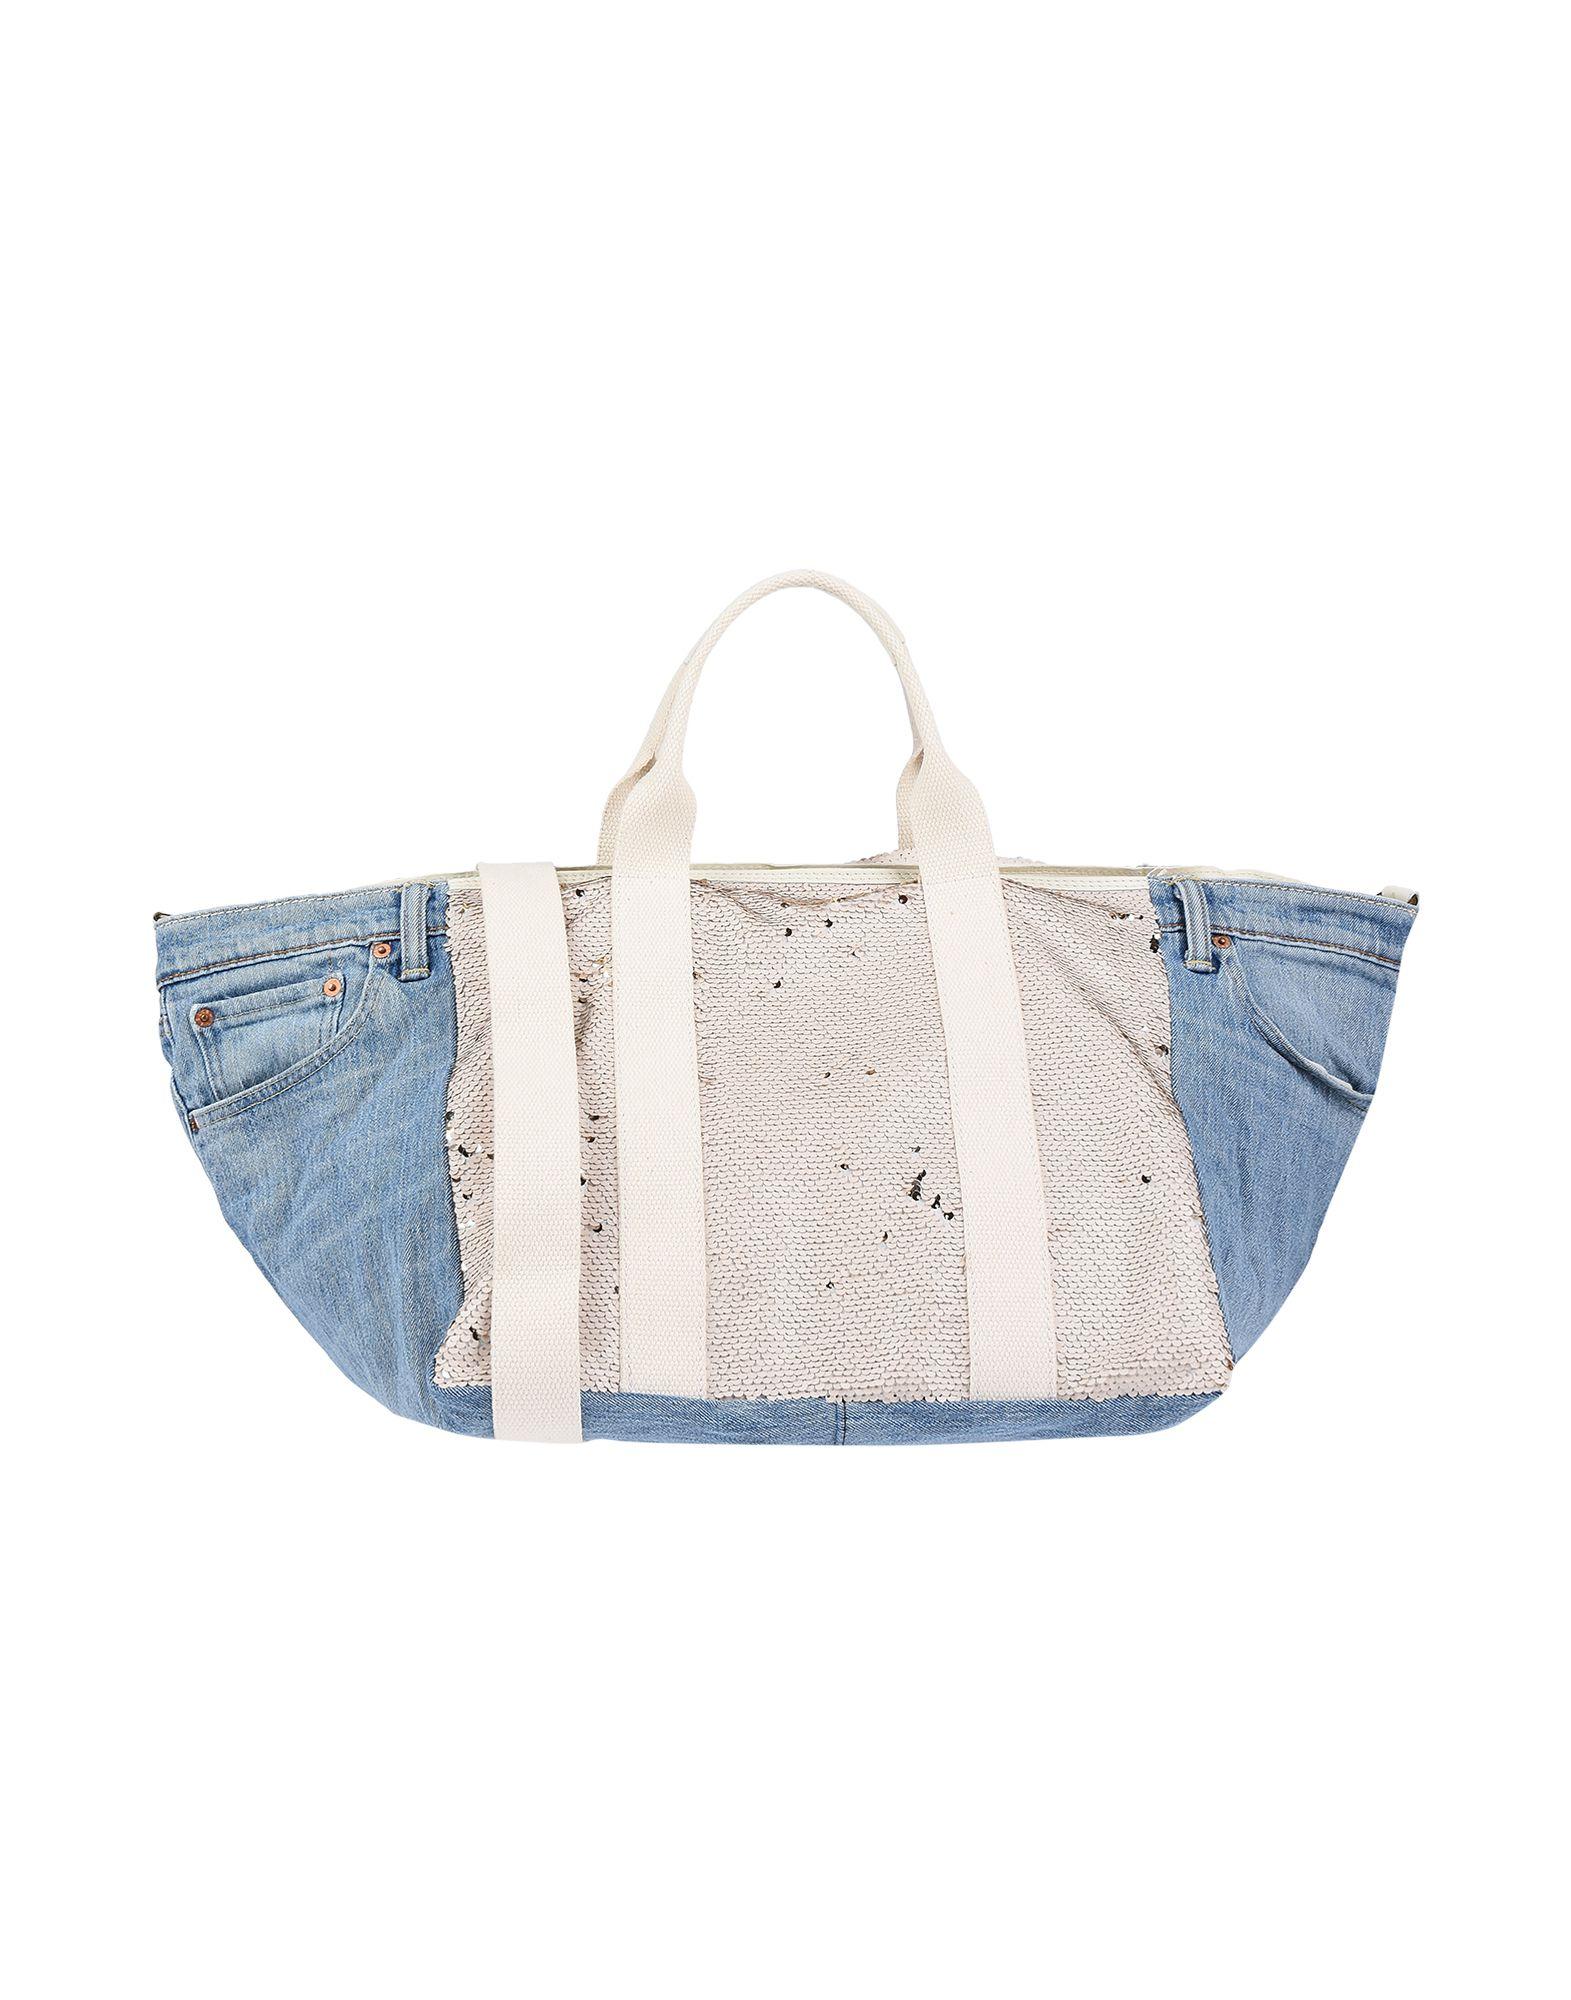 《送料無料》MAURY レディース ハンドバッグ ライトピンク 革 / 紡績繊維